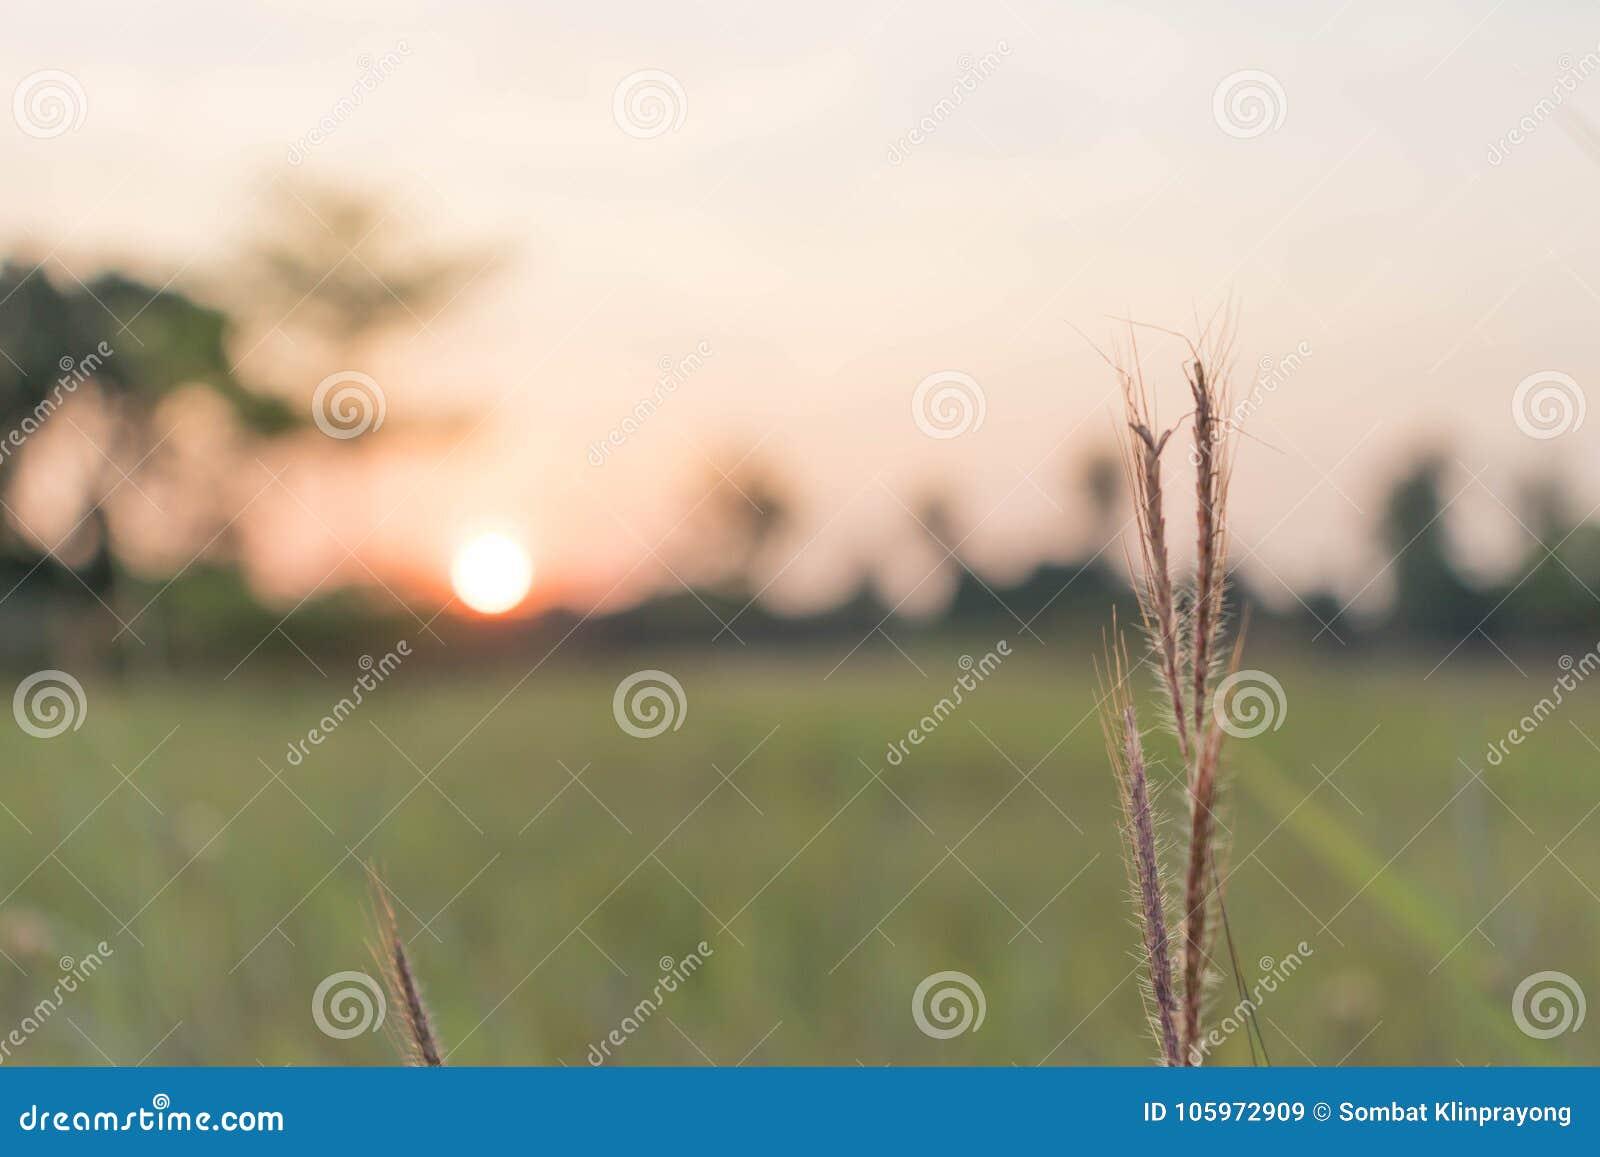 Trawa w polu dużego słońce w tle